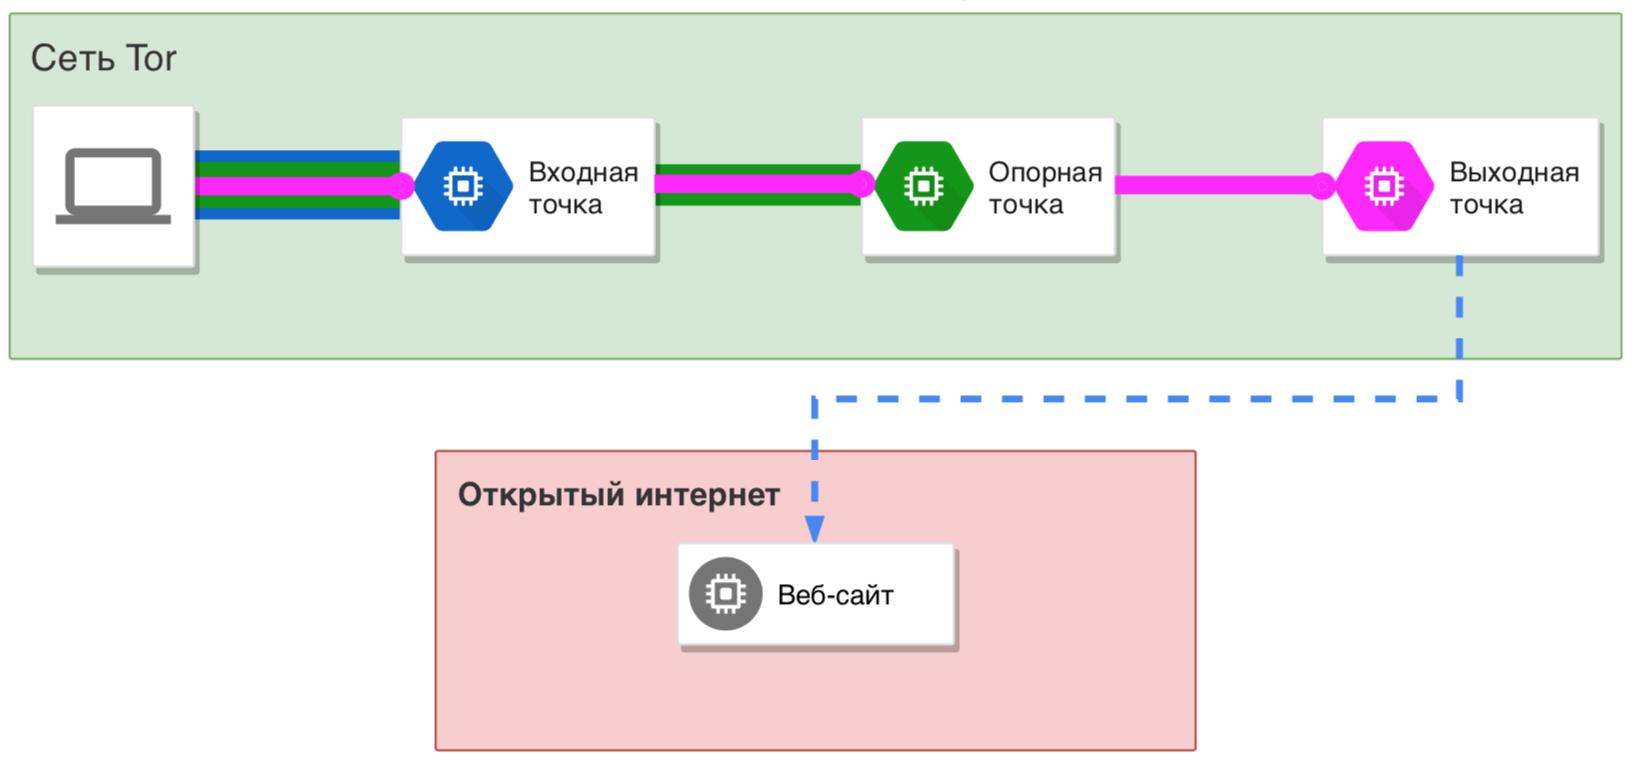 Схема работы компьютера в сети Tor